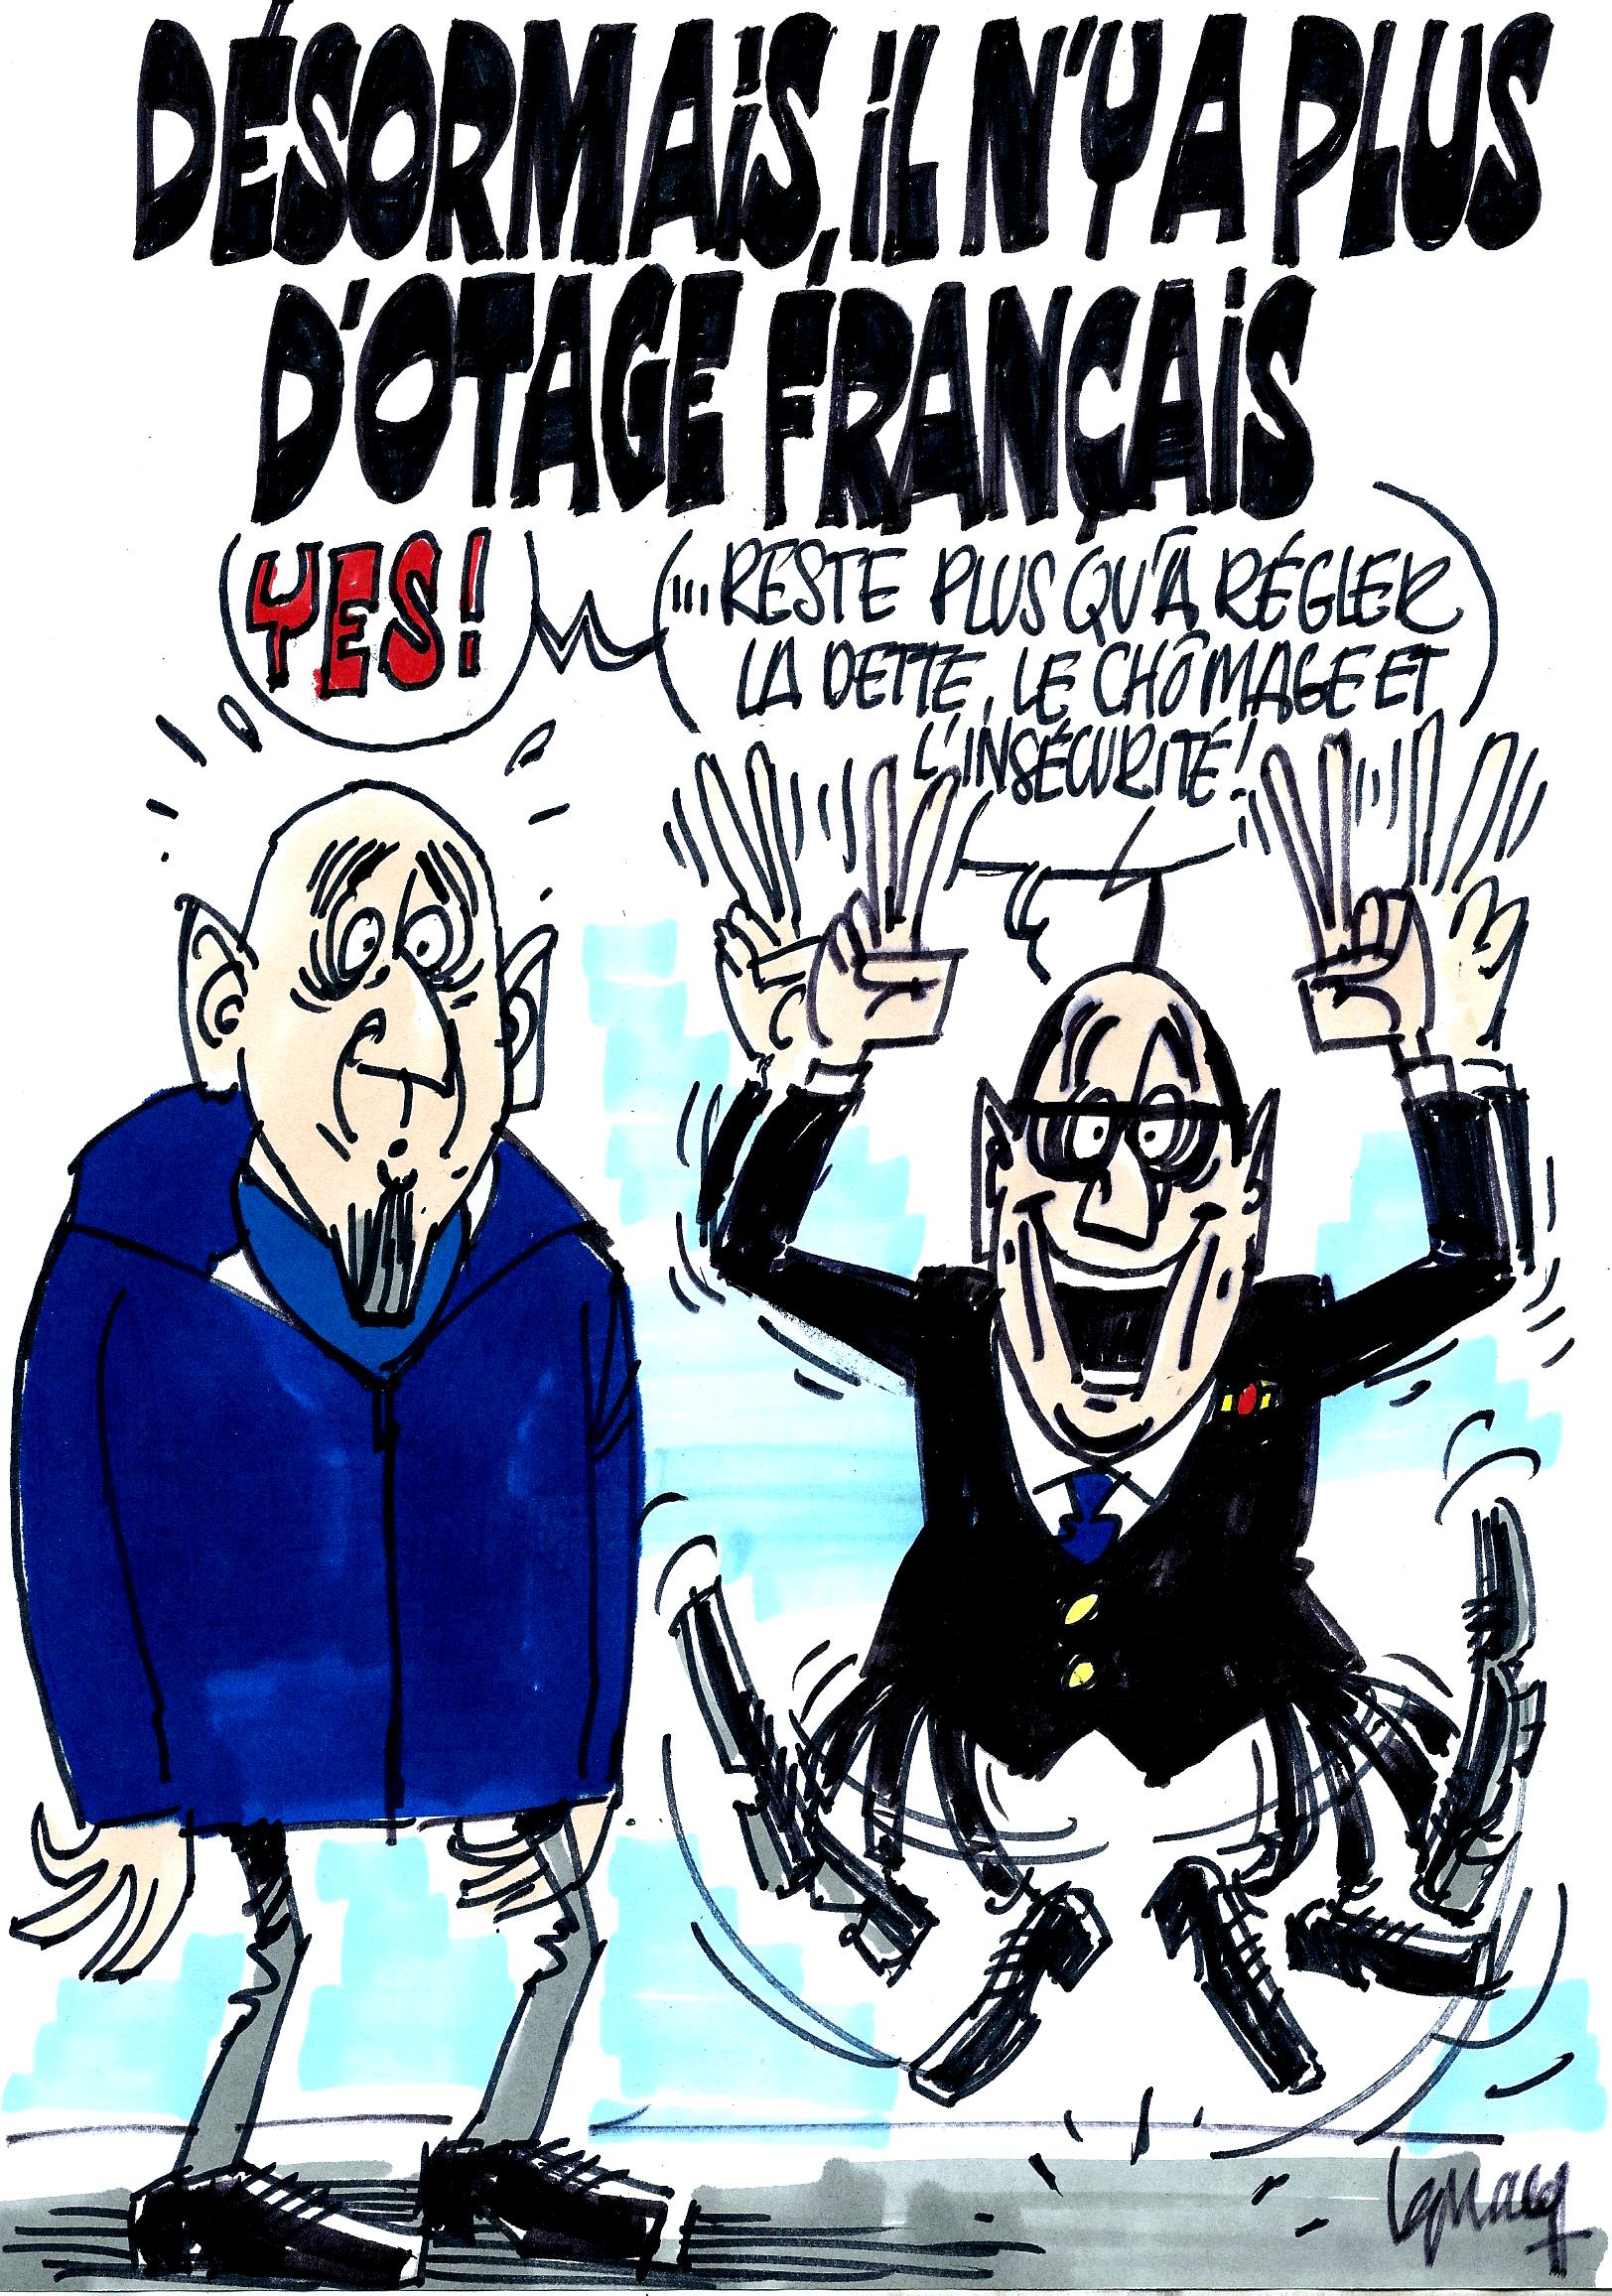 Ignace - Désormais plus d'otage français